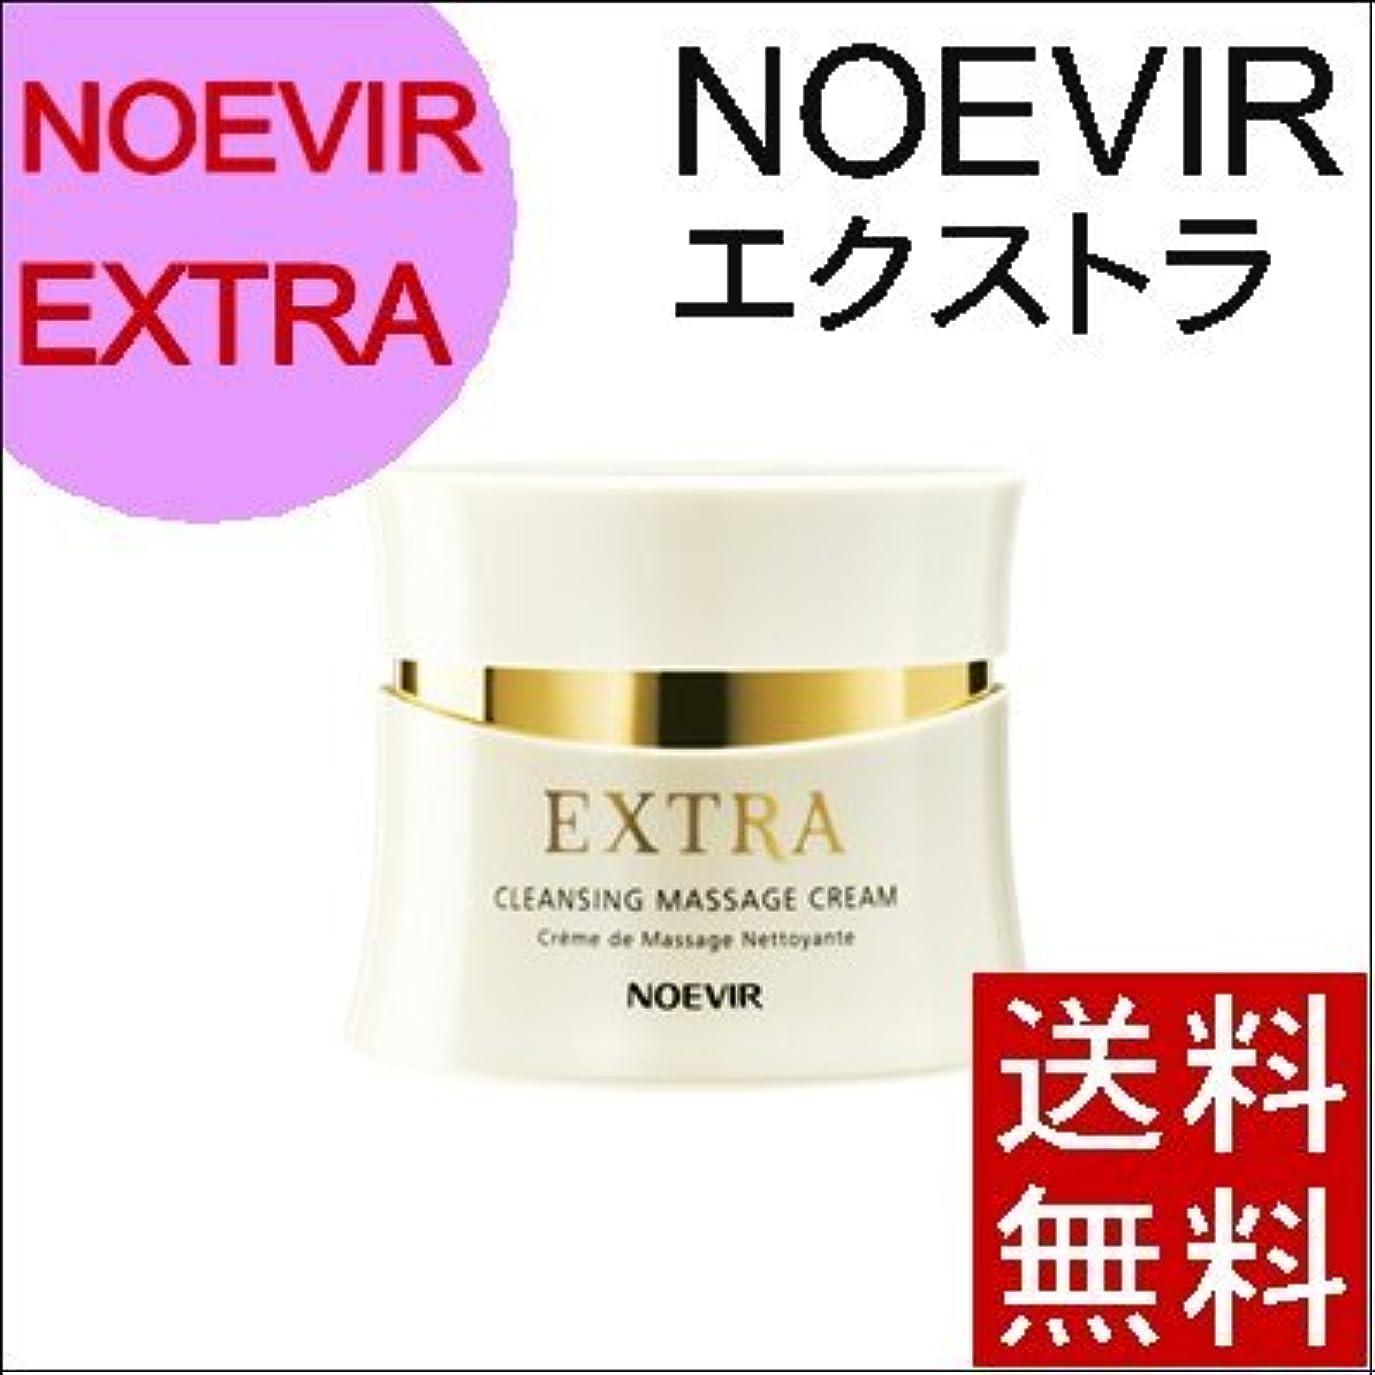 テーマ範囲平衡ノエビア エクストラ 薬用クレンジングマッサージクリーム 120g 医薬部外品